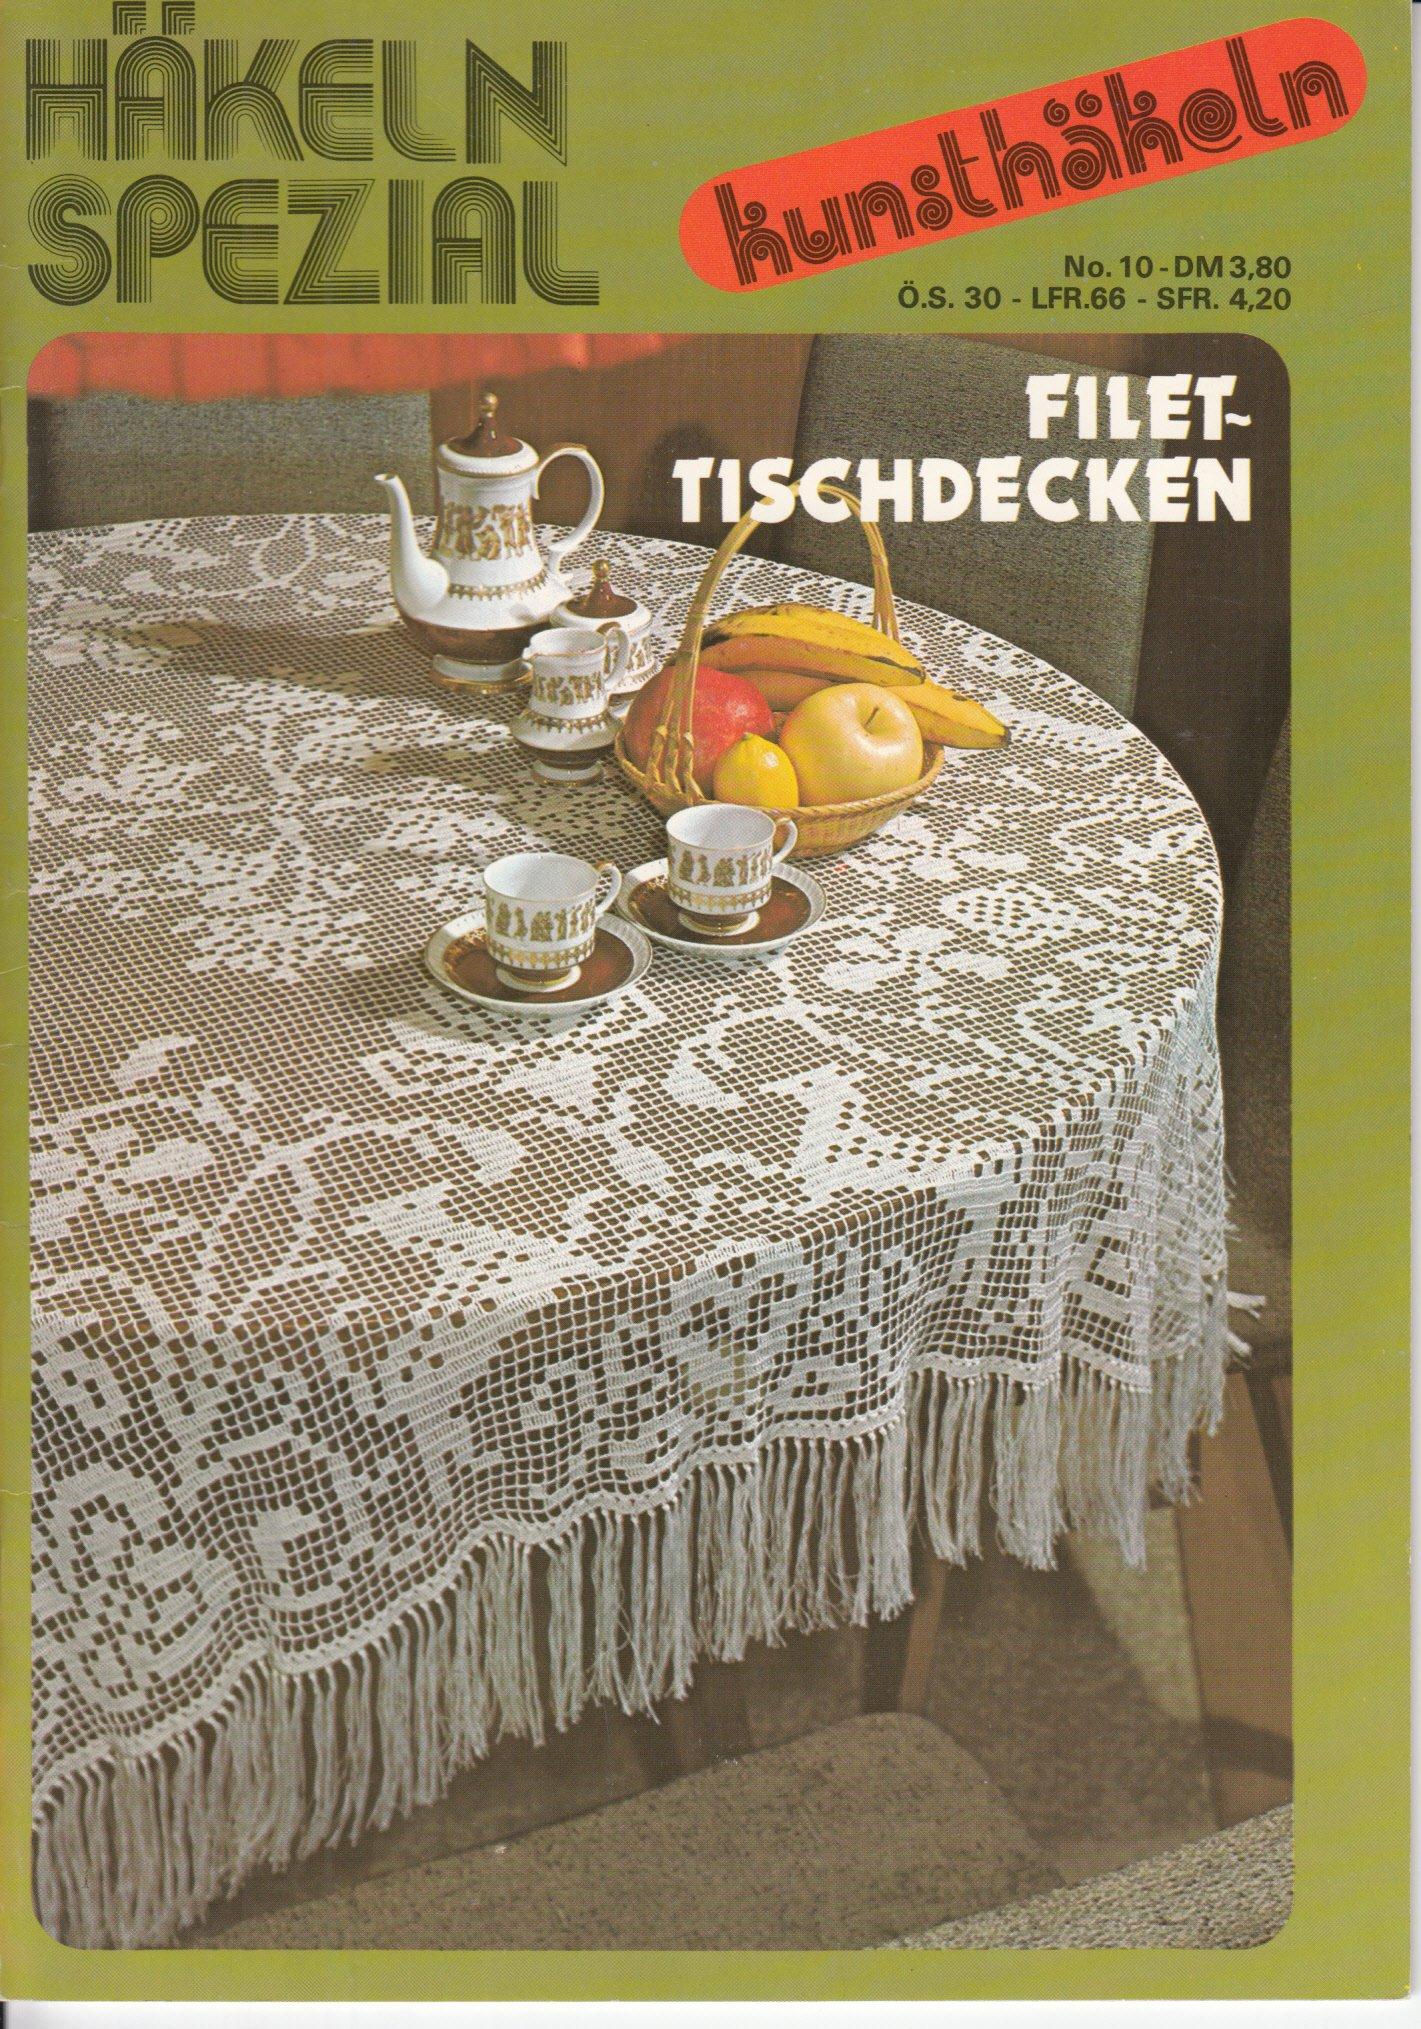 Häkeln Spezial Kunsthäkeln No 10 Filet Tischdecken Amazonde